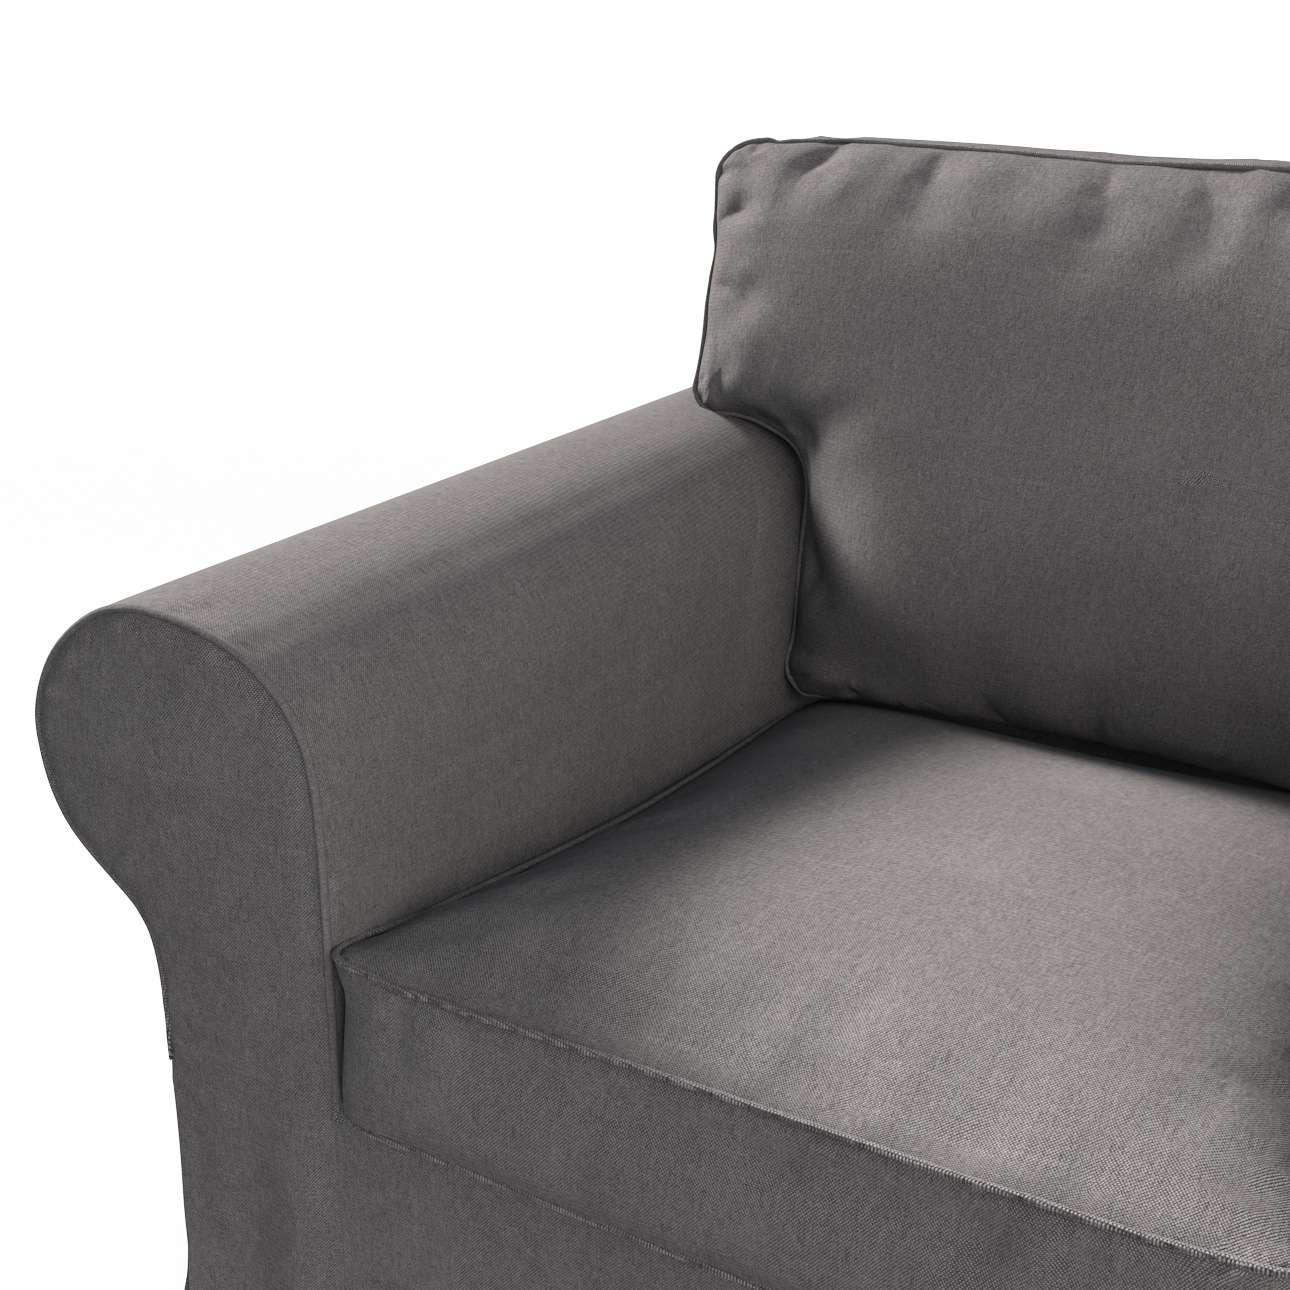 Pokrowiec na fotel Ektorp Fotel Ektorp w kolekcji Etna , tkanina: 705-35